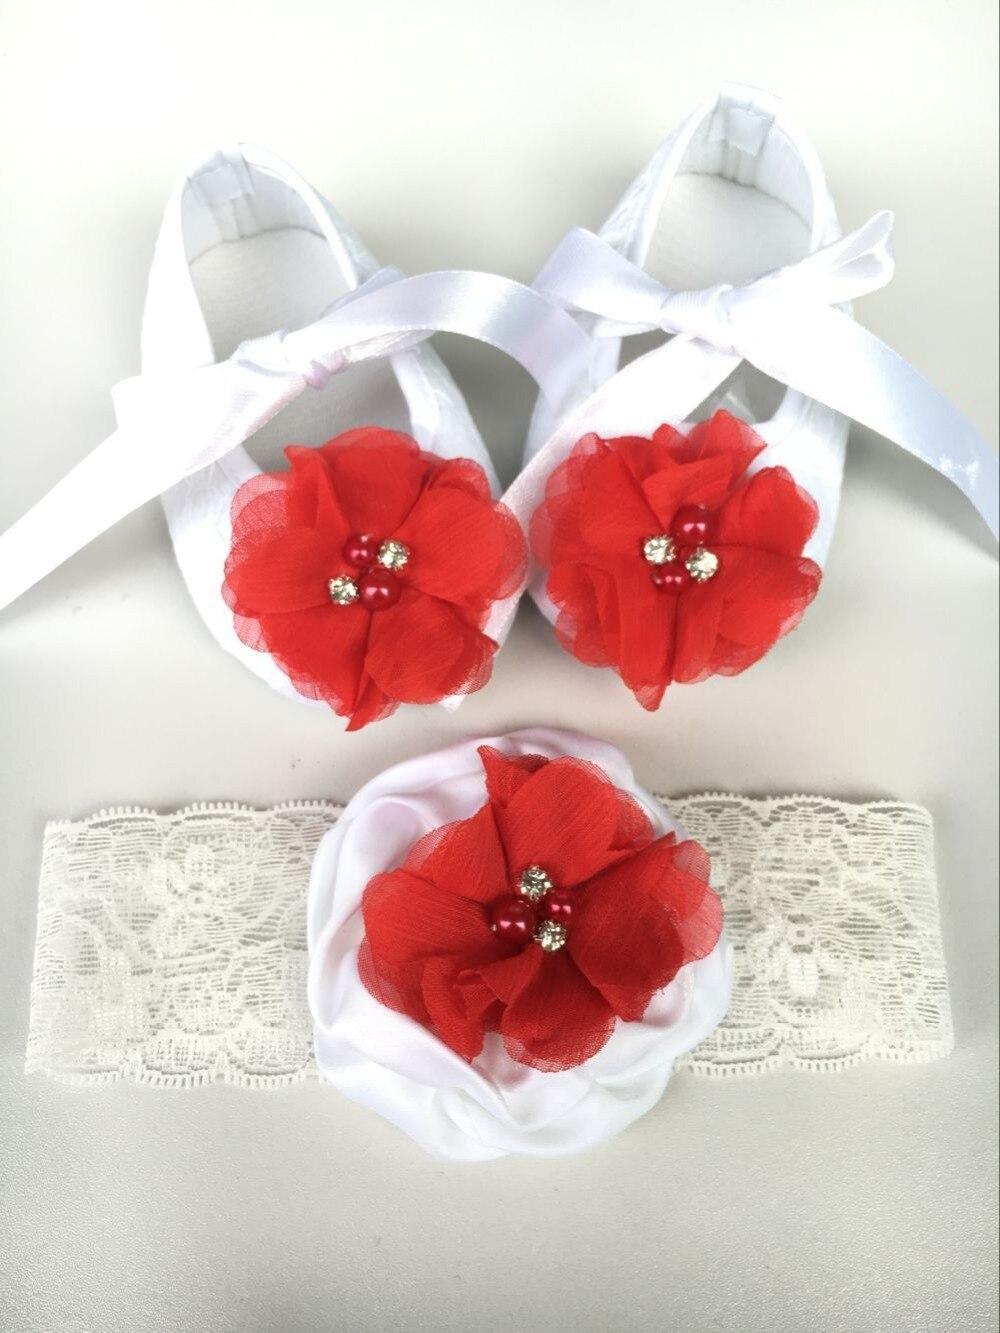 Кружево детские пинетки императорская корона новорожденных Обувь для младенцев оголовье, набор, белый smkids Rhinestone короны для маленьких Тапоч...